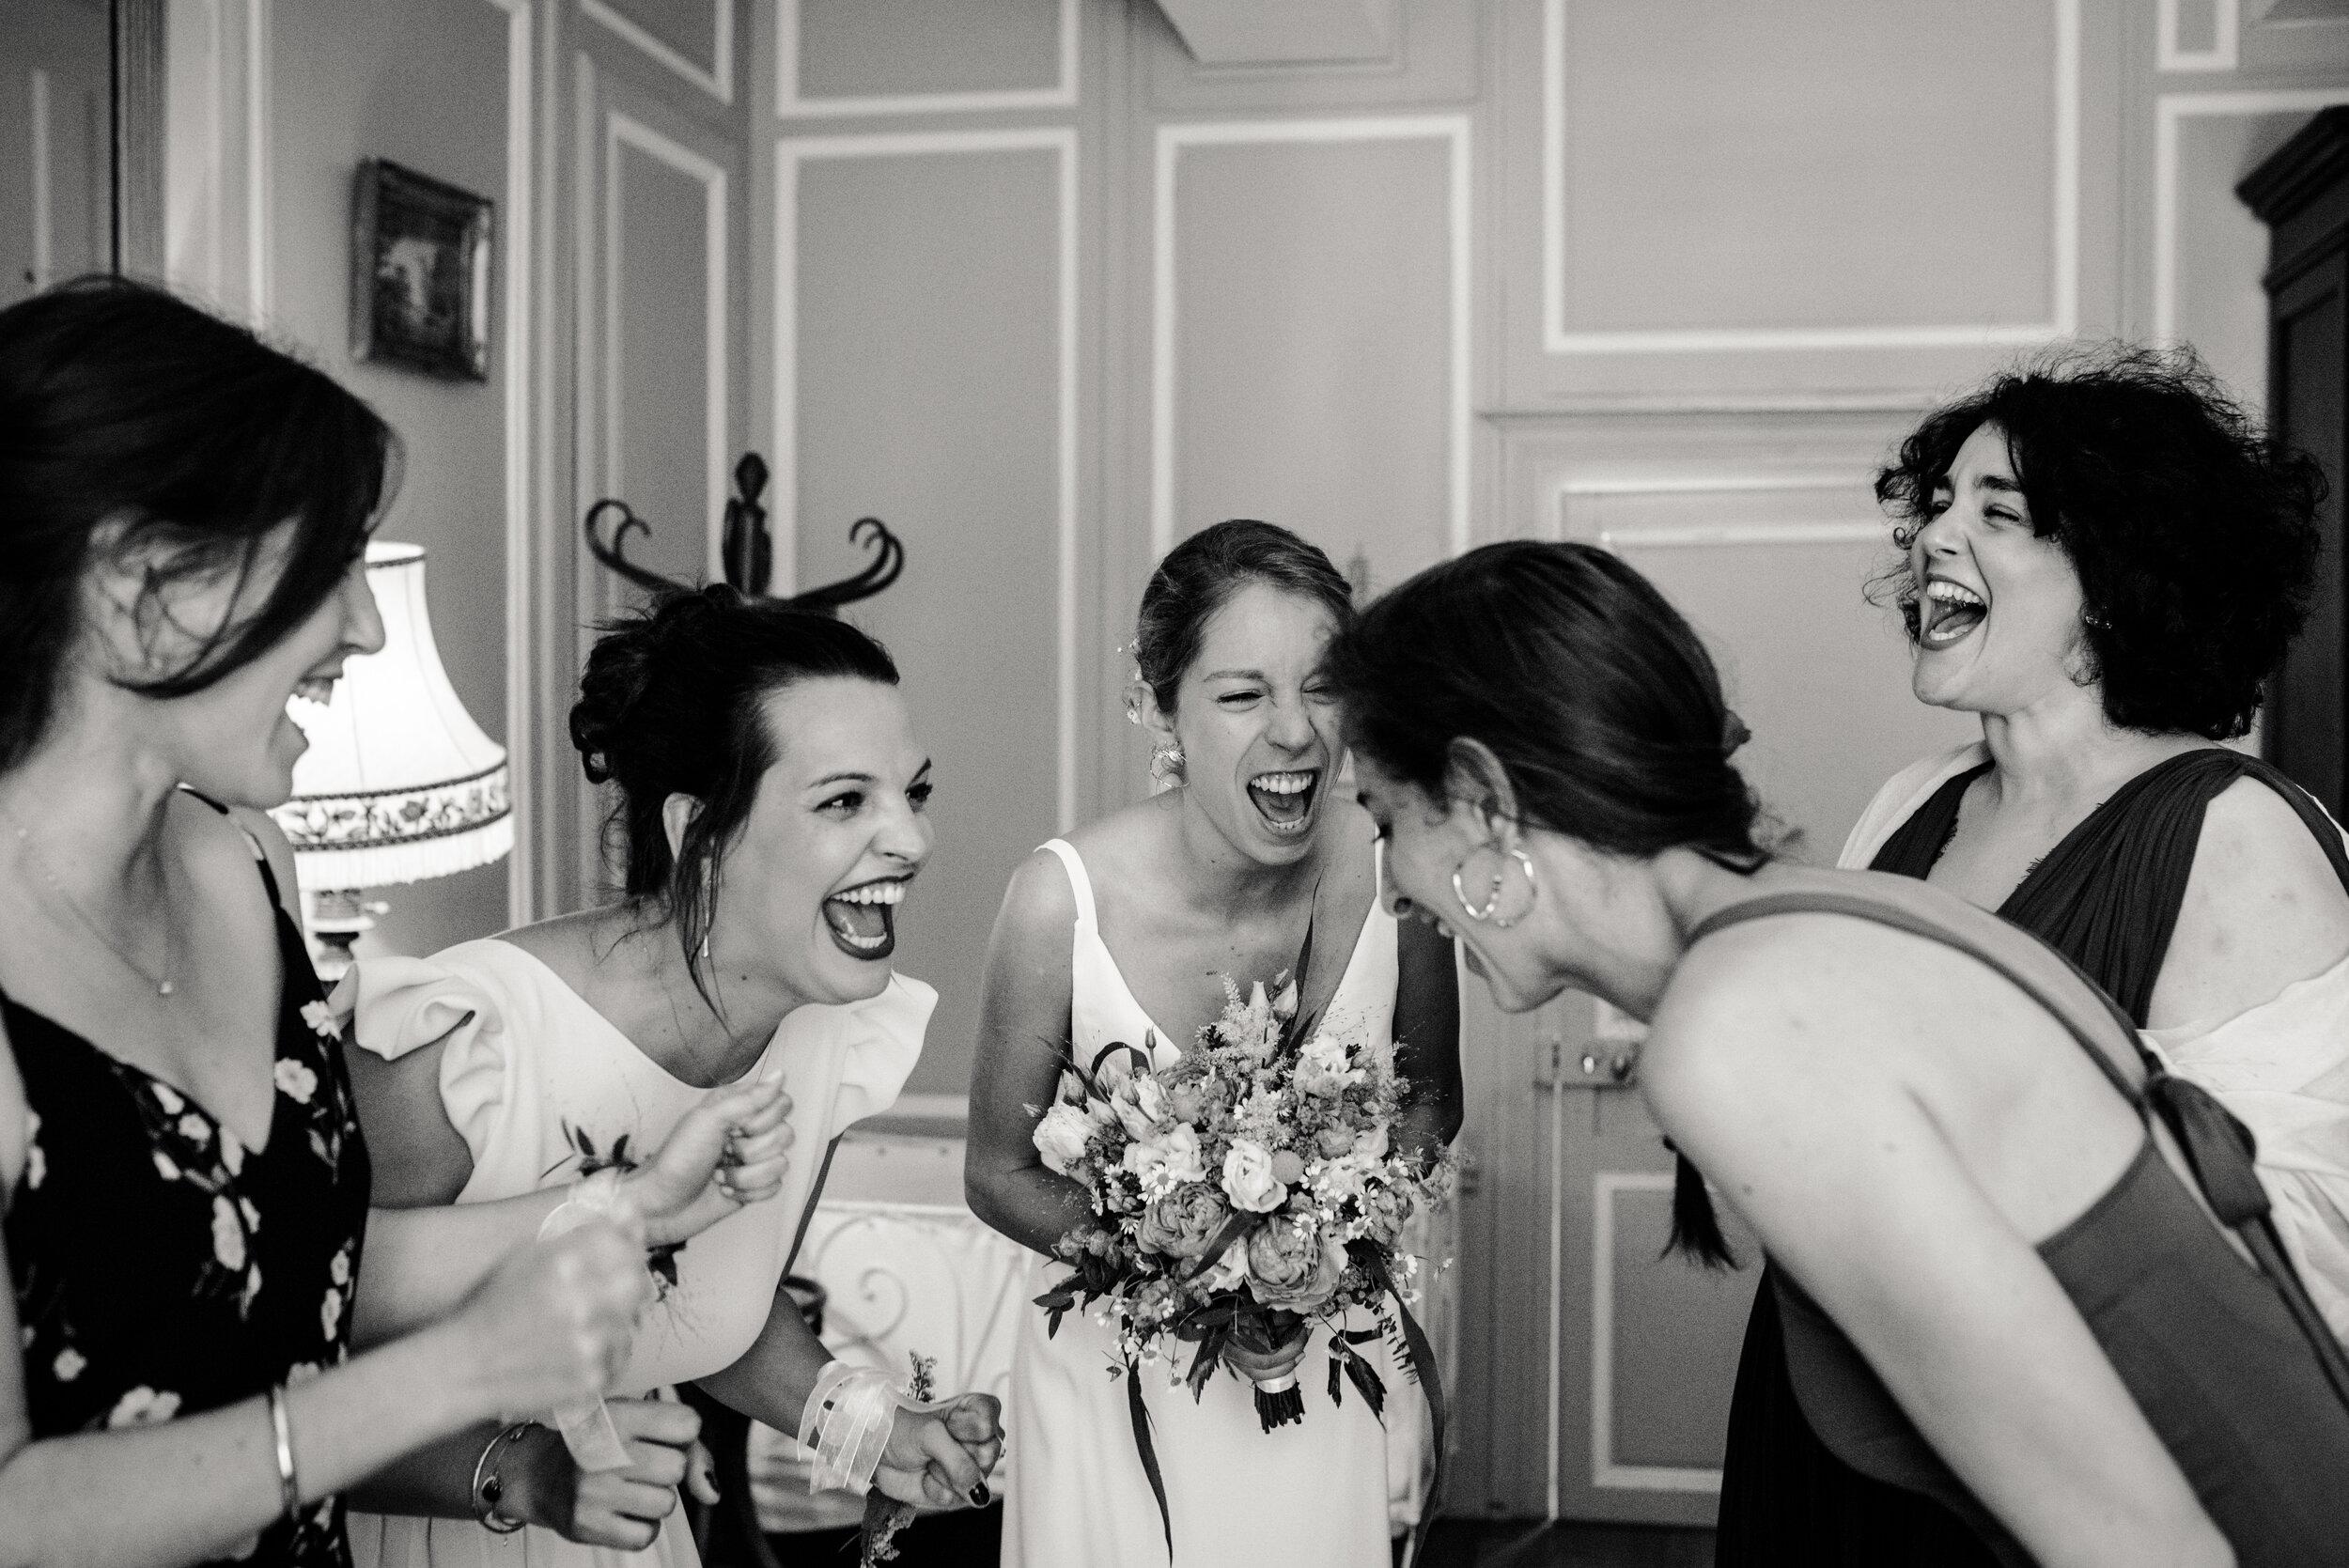 Léa-Fery-photographe-professionnel-Bretagne-portrait-creation-mariage-evenement-evenementiel-famille-9379.jpg